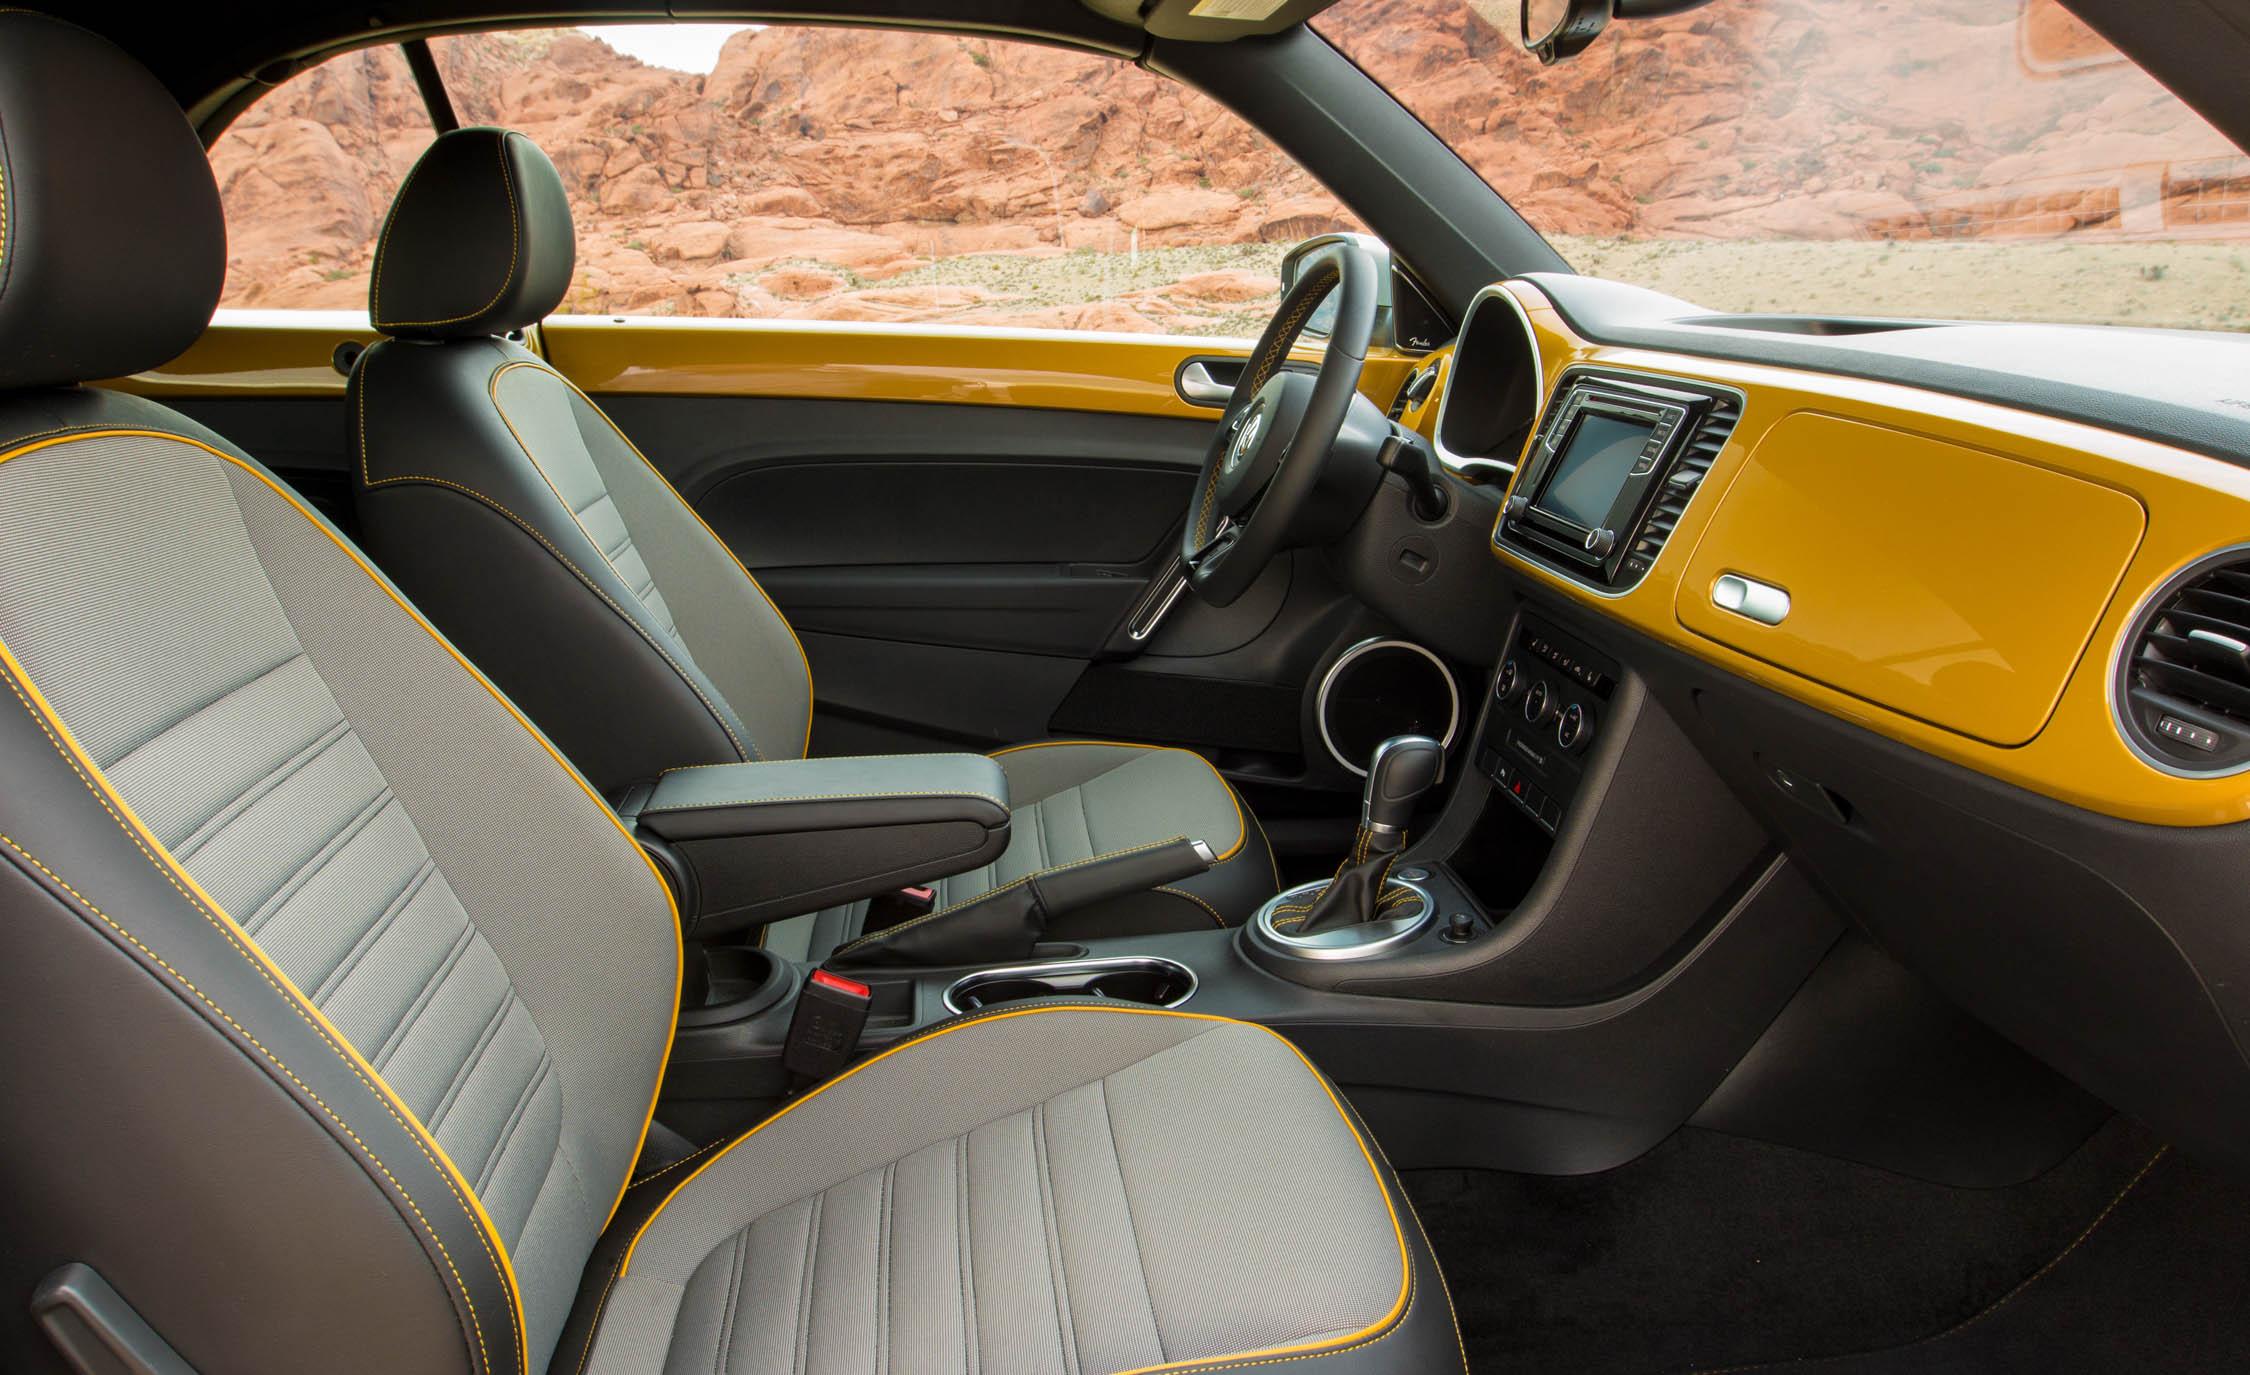 2016 Volkswagen Beetle Dune Interior Front Seats (View 7 of 32)